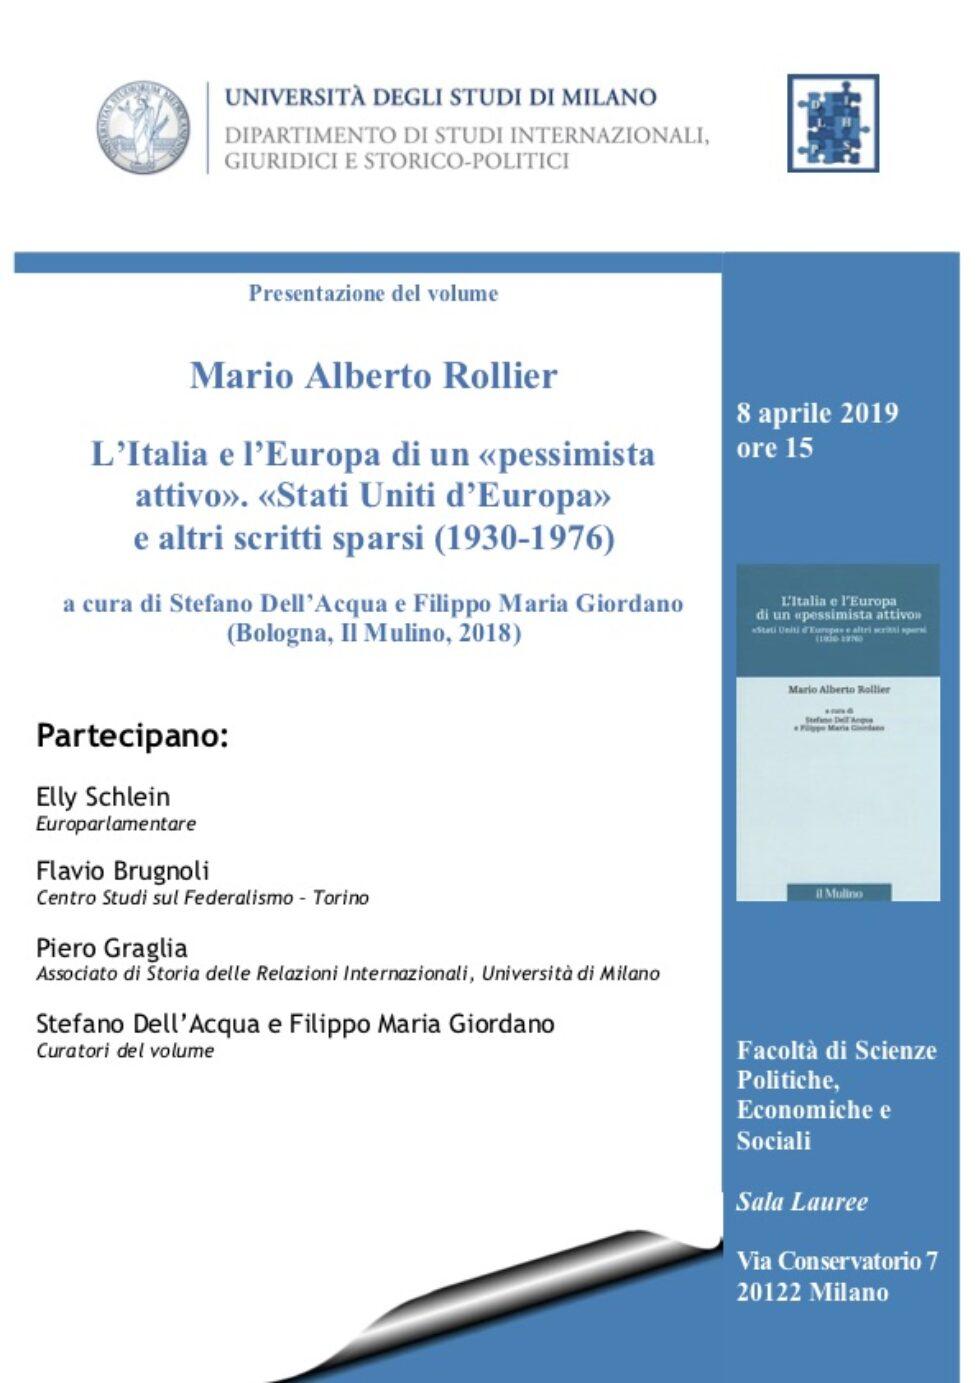 """Presentazione del volume """"Mario Alberto Rollier"""""""